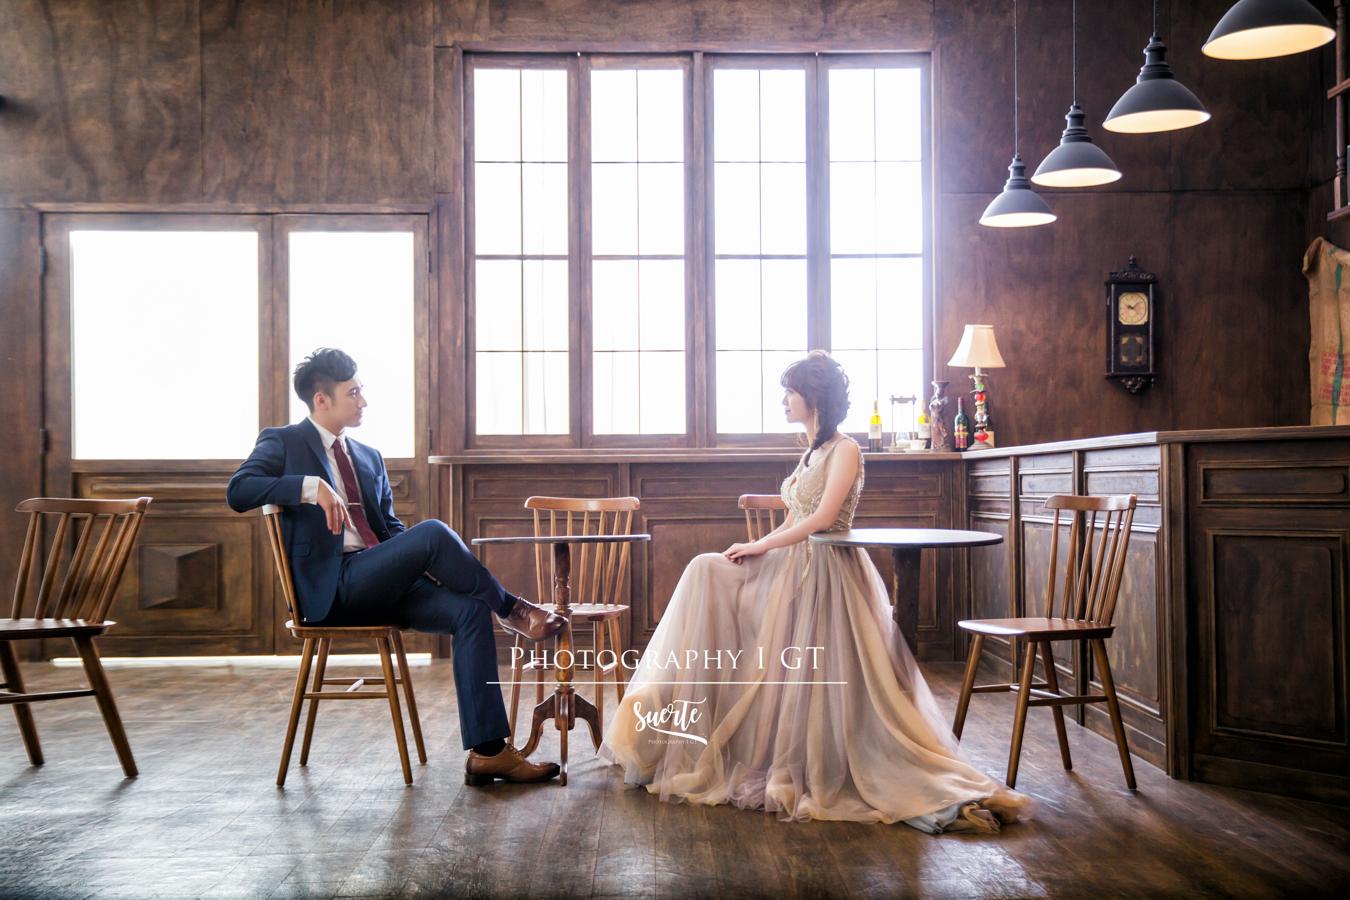 自助婚紗 | 偉恩+芸妮  PREWEDDING 九天森林  |國內婚紗|台中婚紗